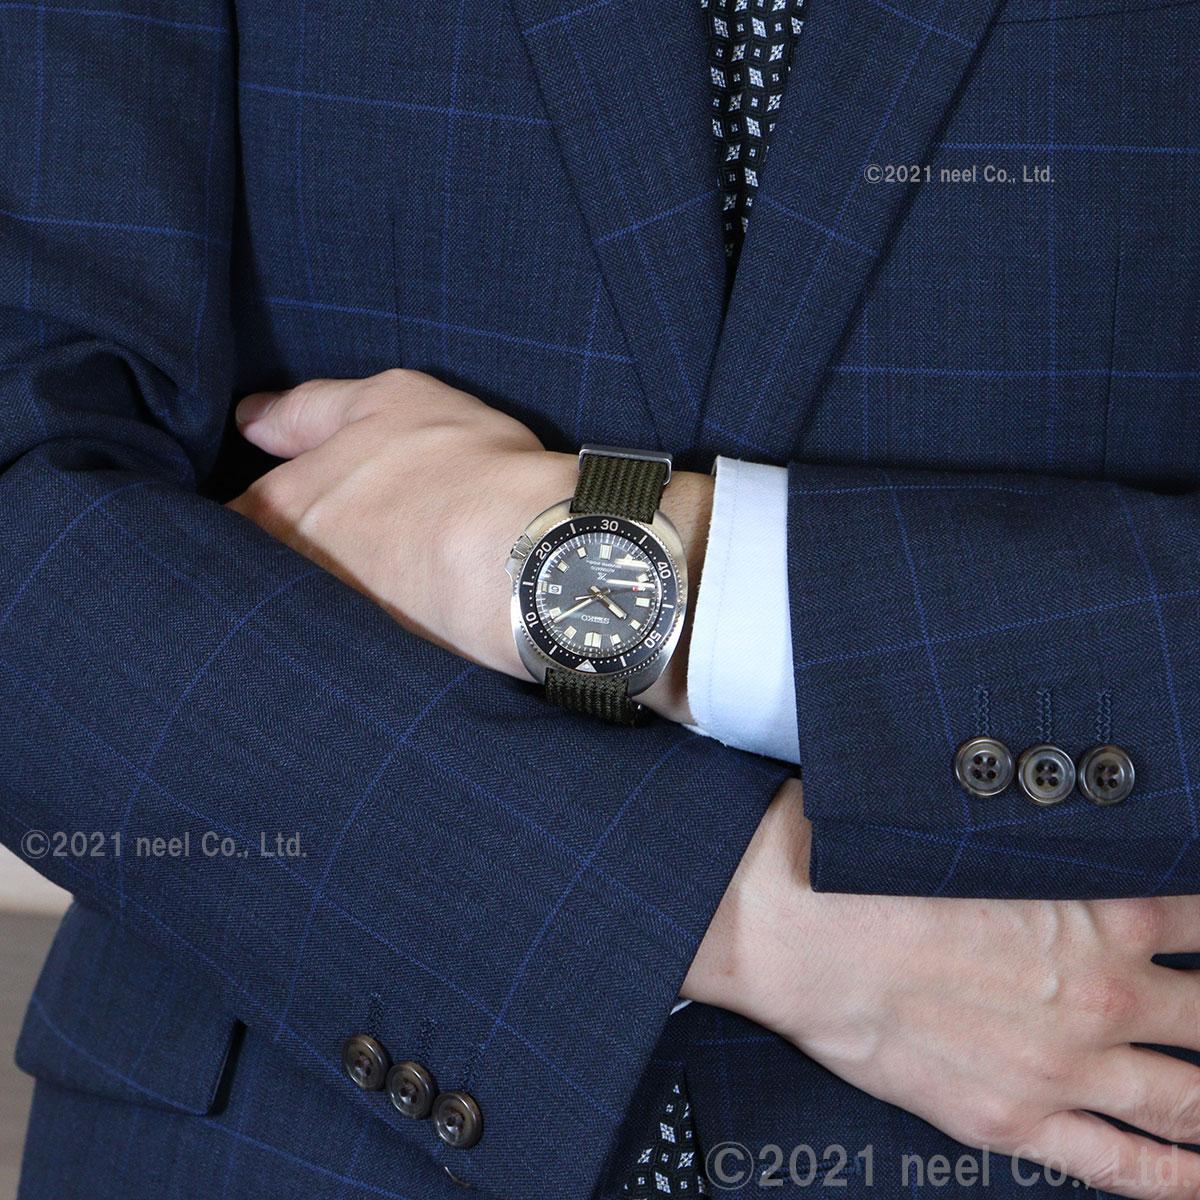 セイコー プロスペックス SEIKO PROSPEX ダイバーズ 自動巻き コアショップ専用 腕時計 SBDC143